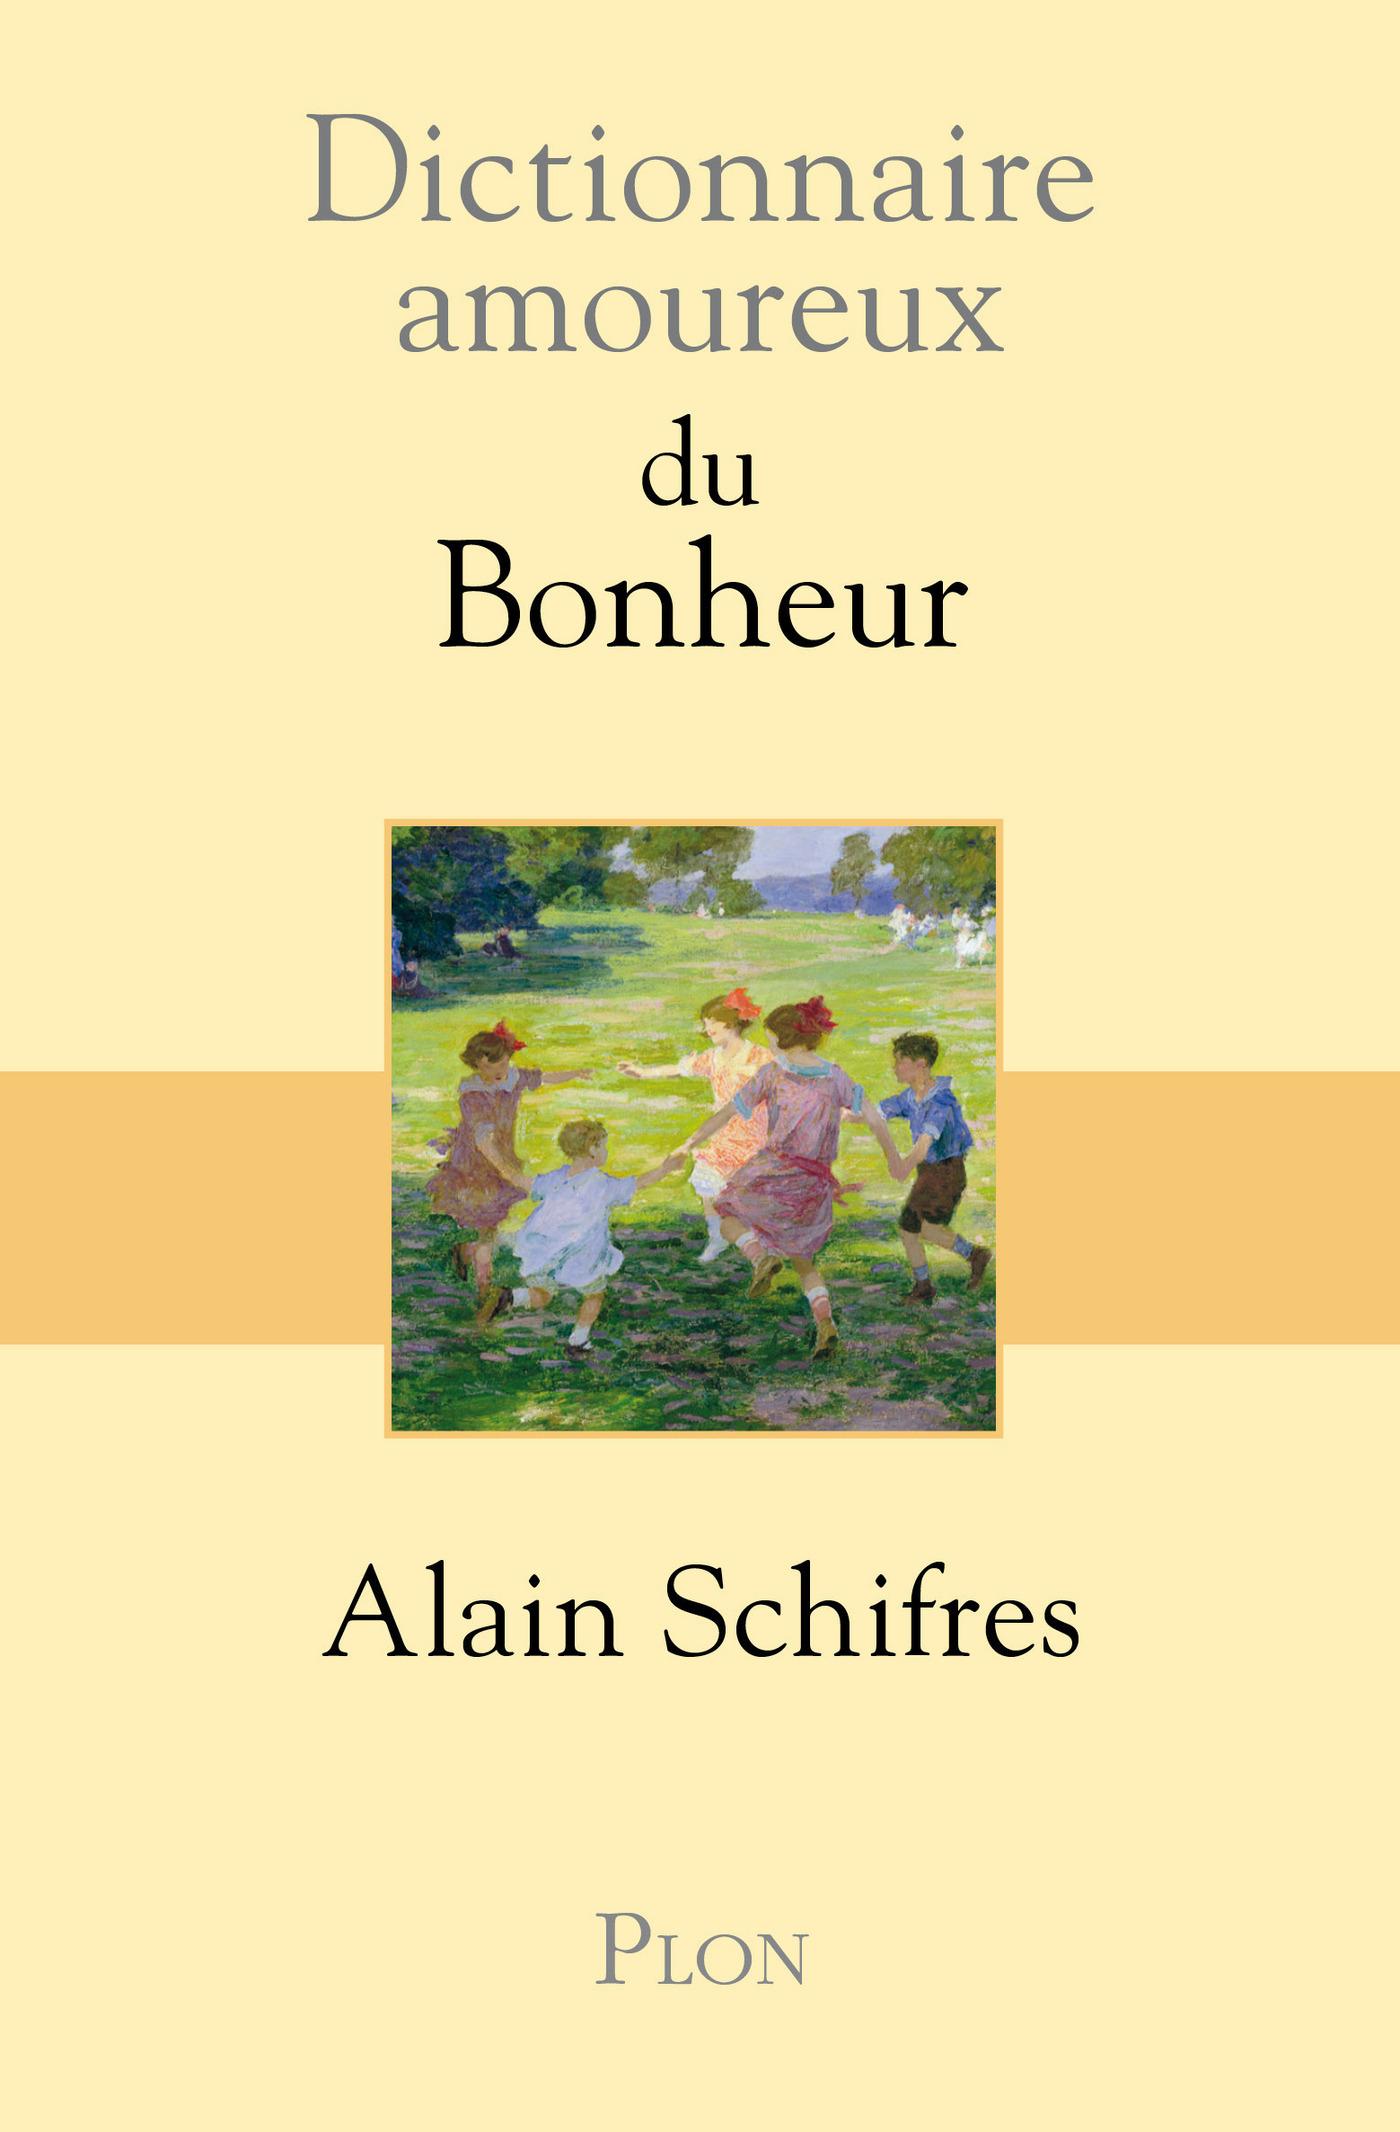 Dictionnaire amoureux du Bonheur